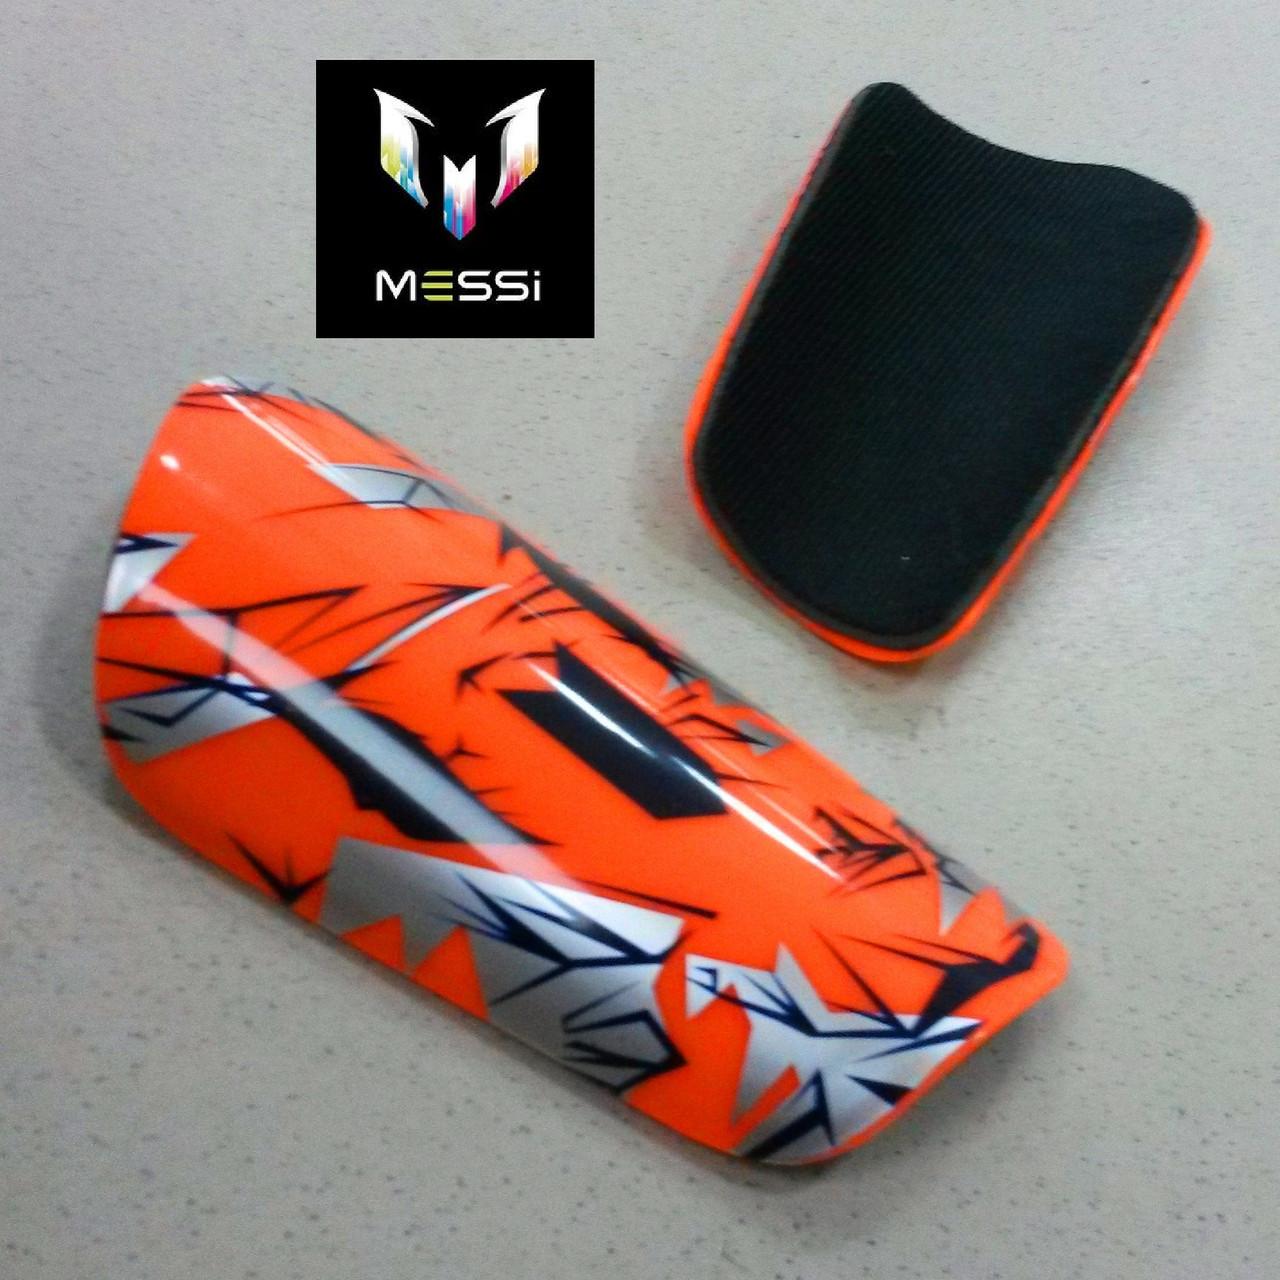 Футбольные щитки  MESSI orange